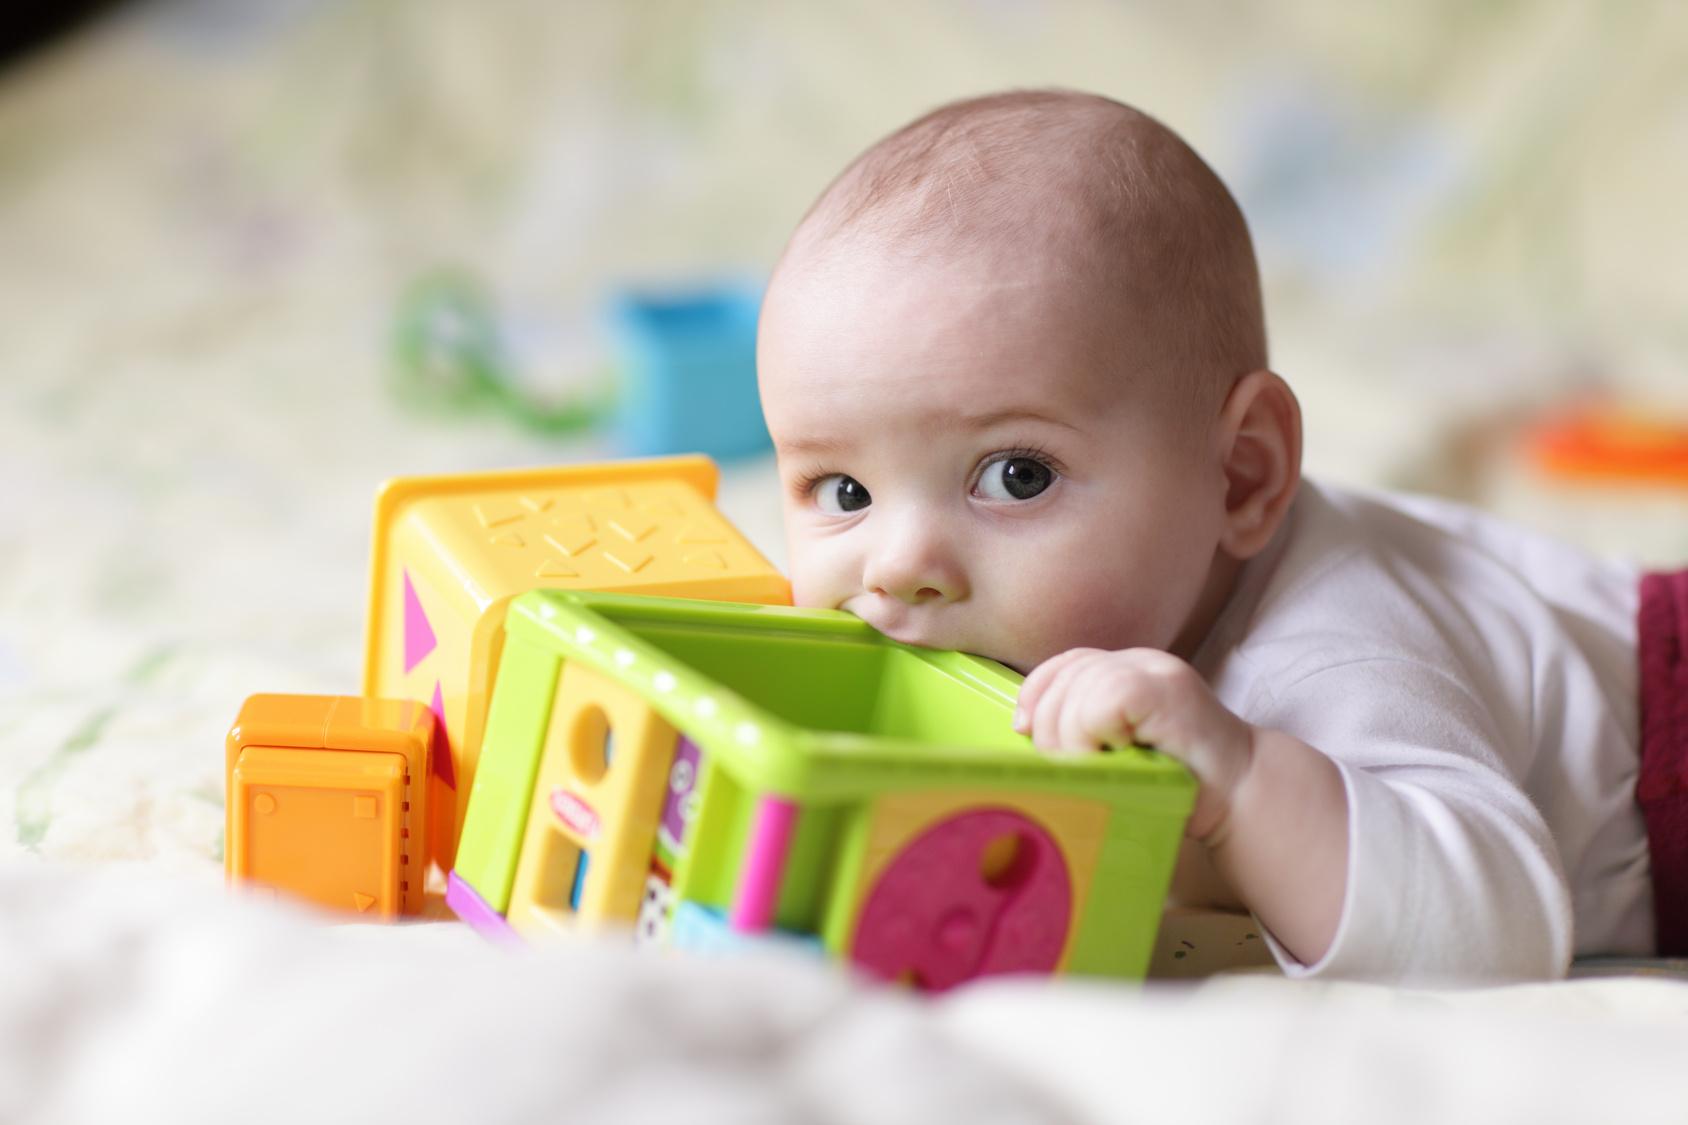 bébé qui met un jouet dans sa bouche